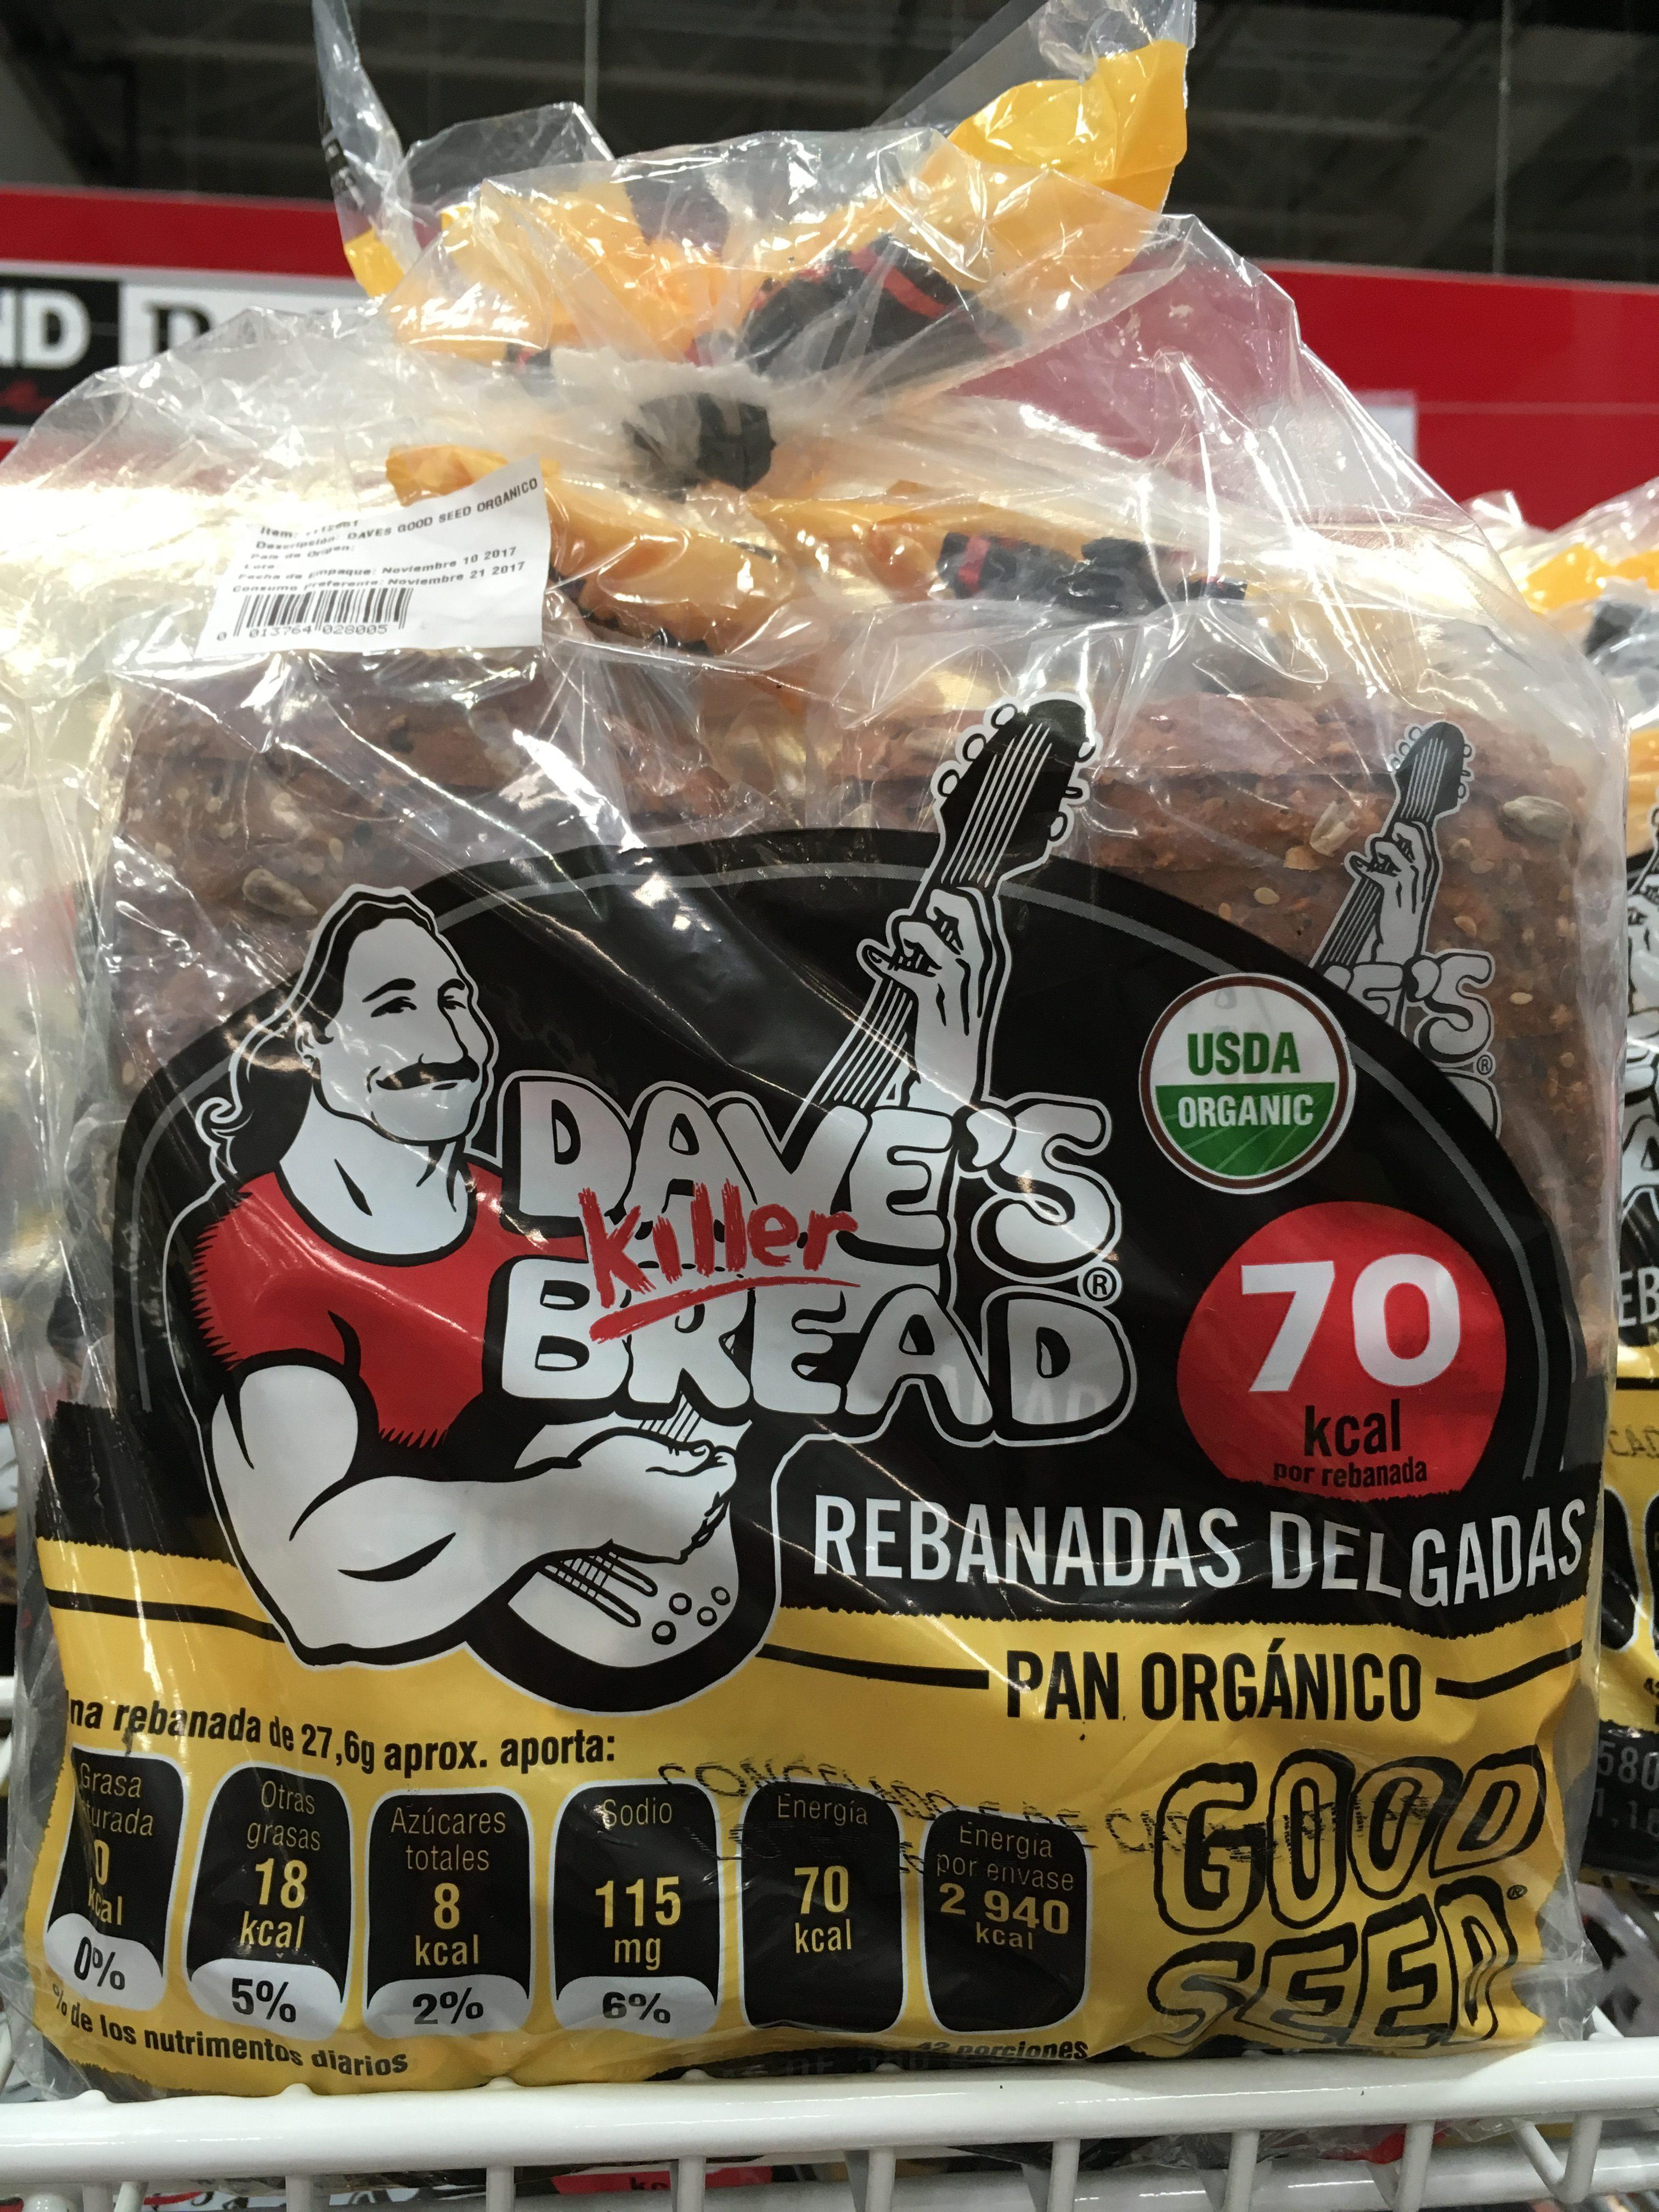 Dave's Killer Bread in Costco Mexico